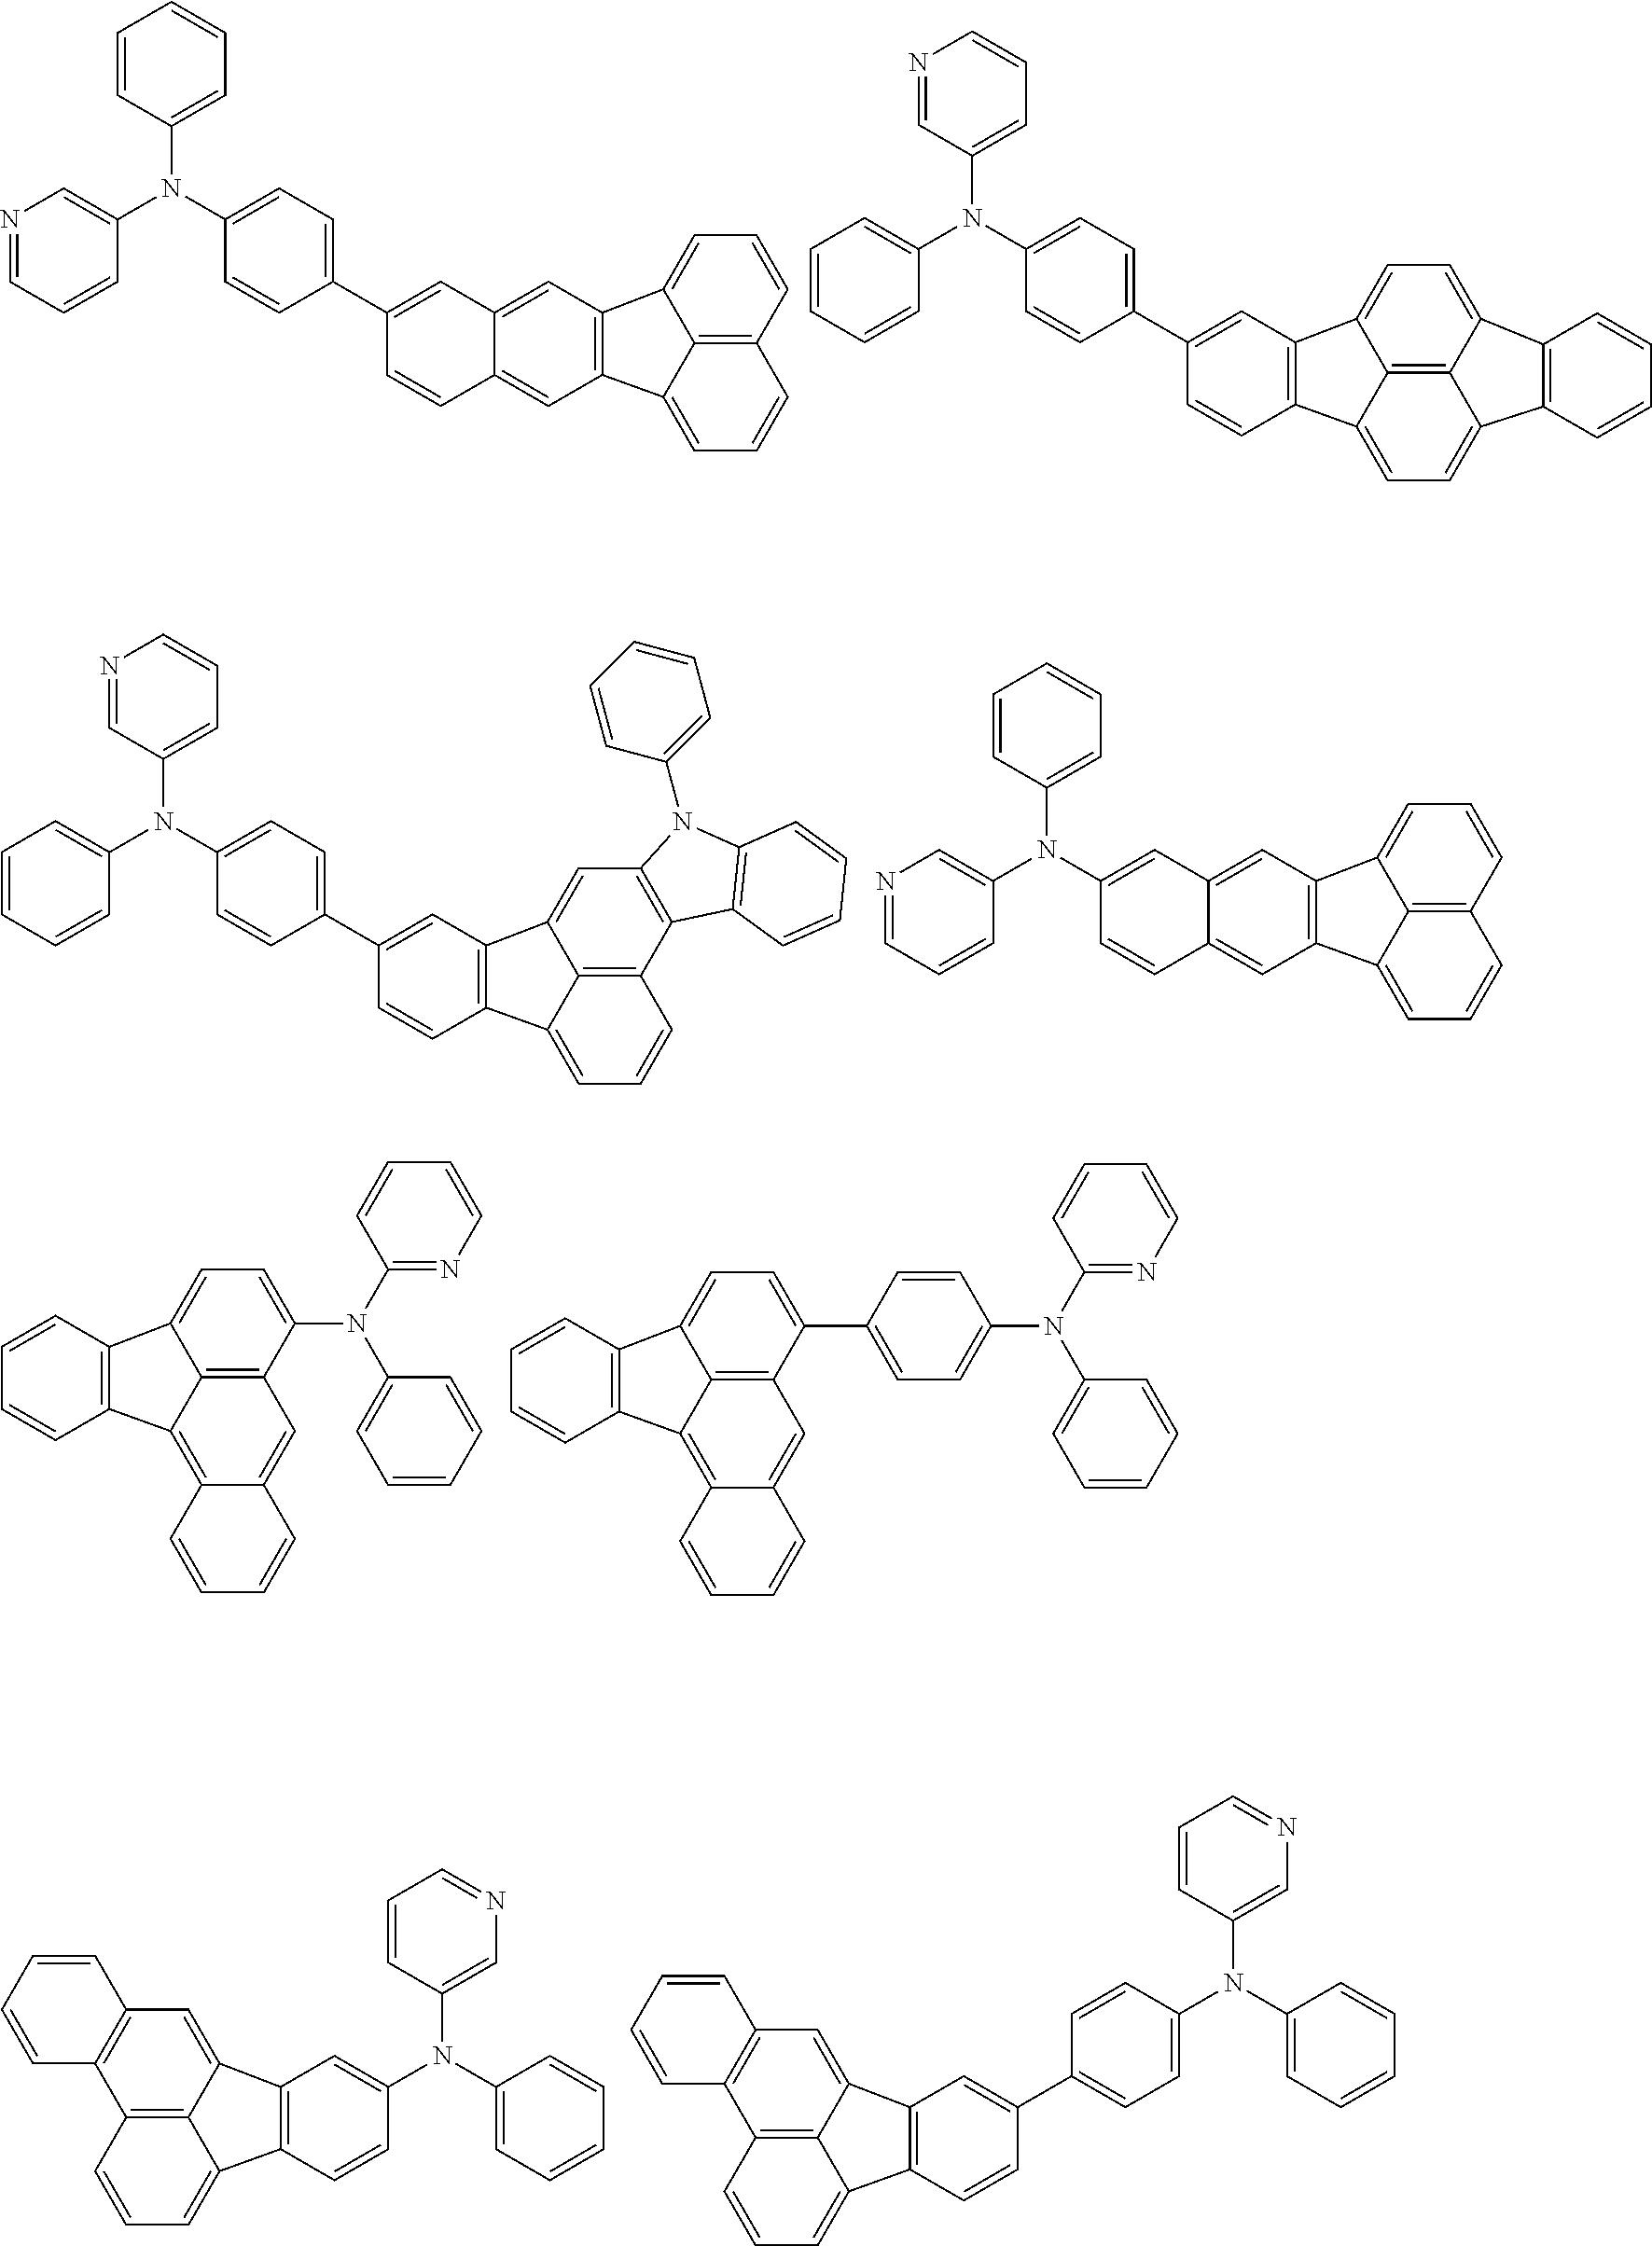 Figure US20150280139A1-20151001-C00037